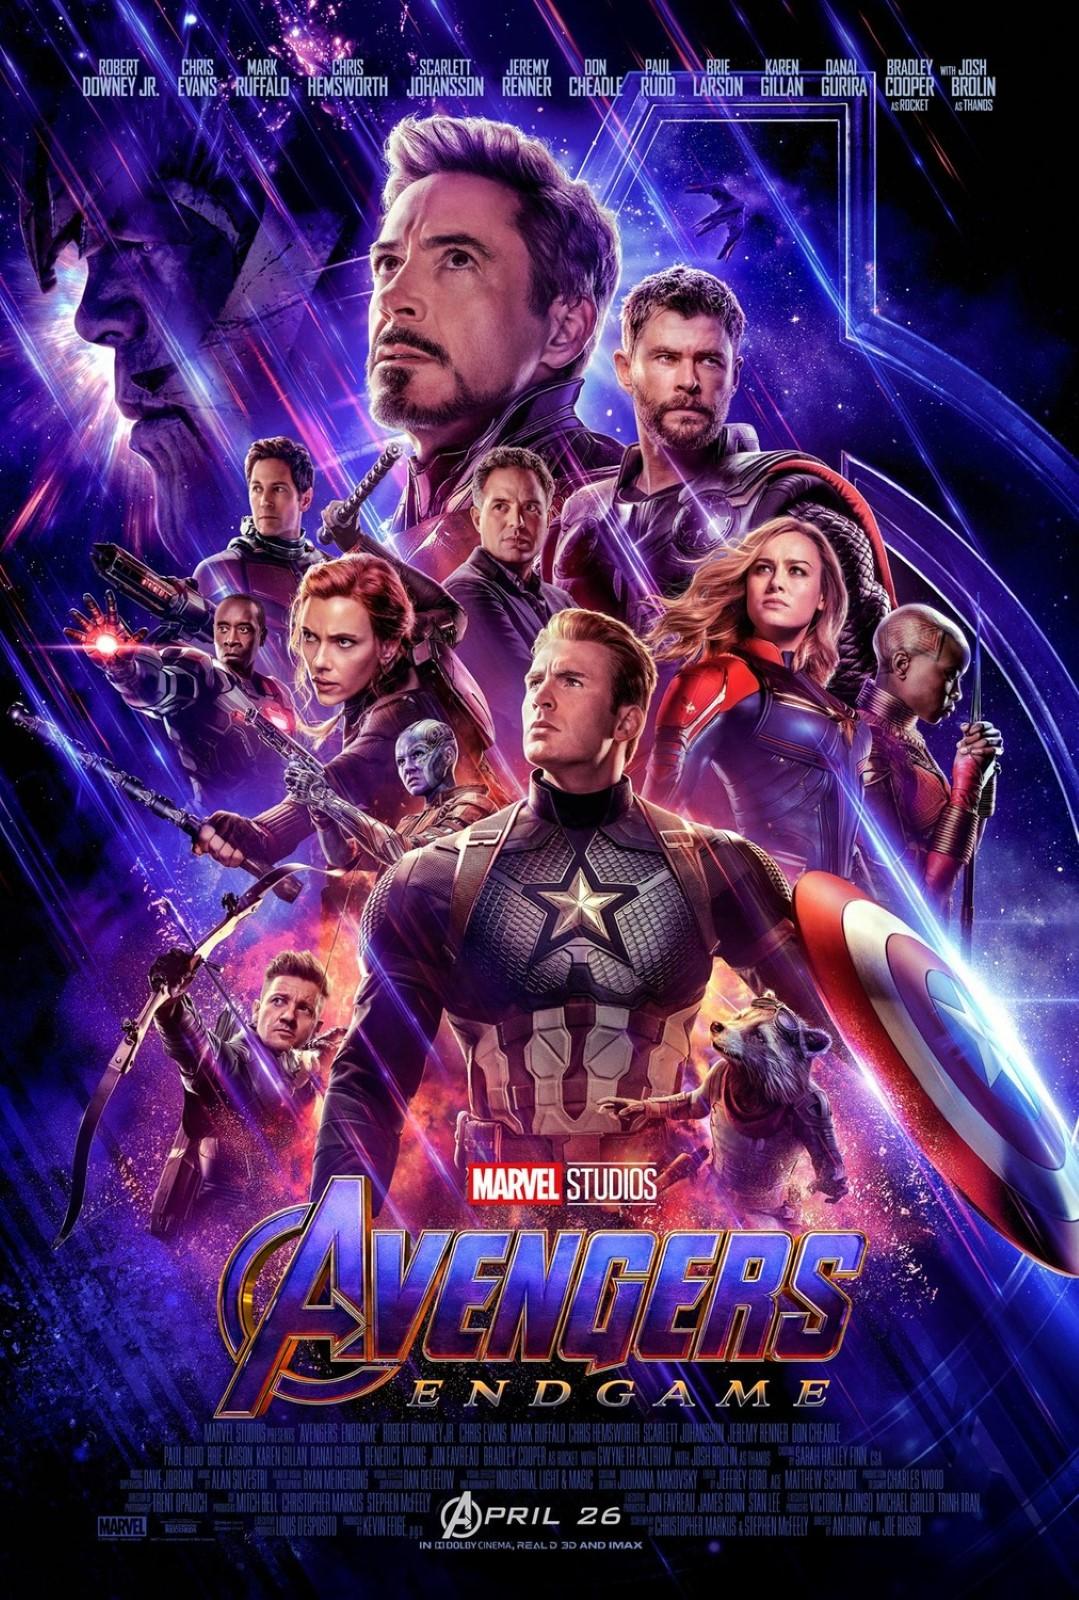 Avengers Endgame Trailer Rekord & Poster